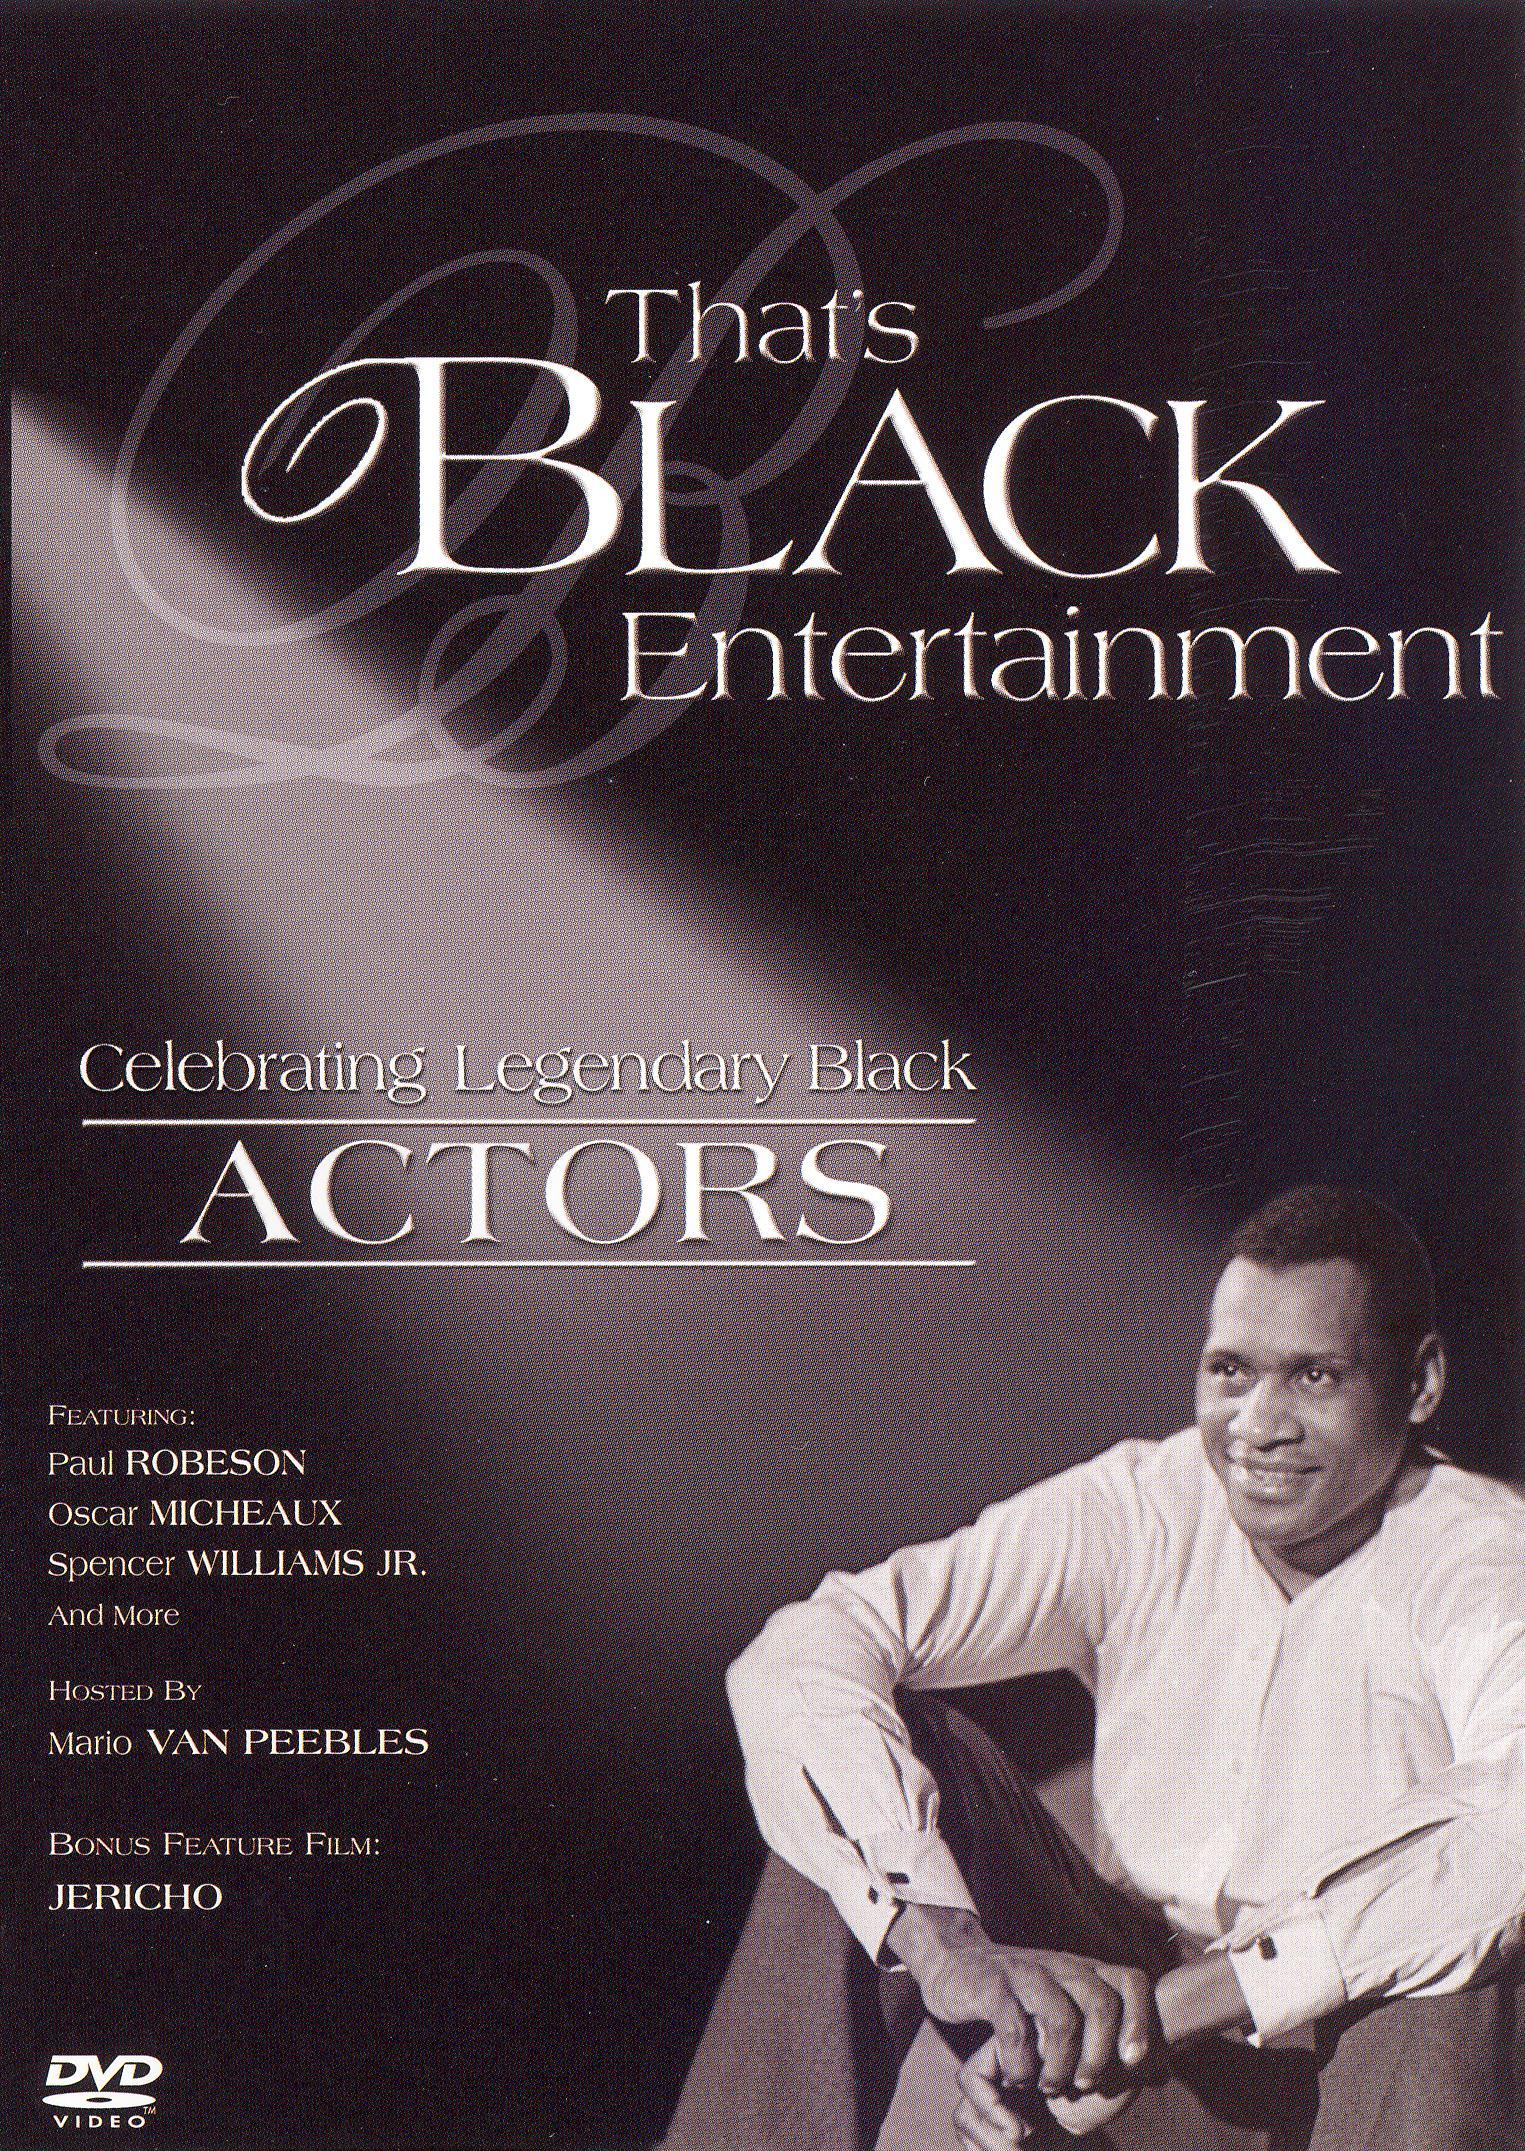 That's Black Entertainment: Celebrating Legendary Black Actors